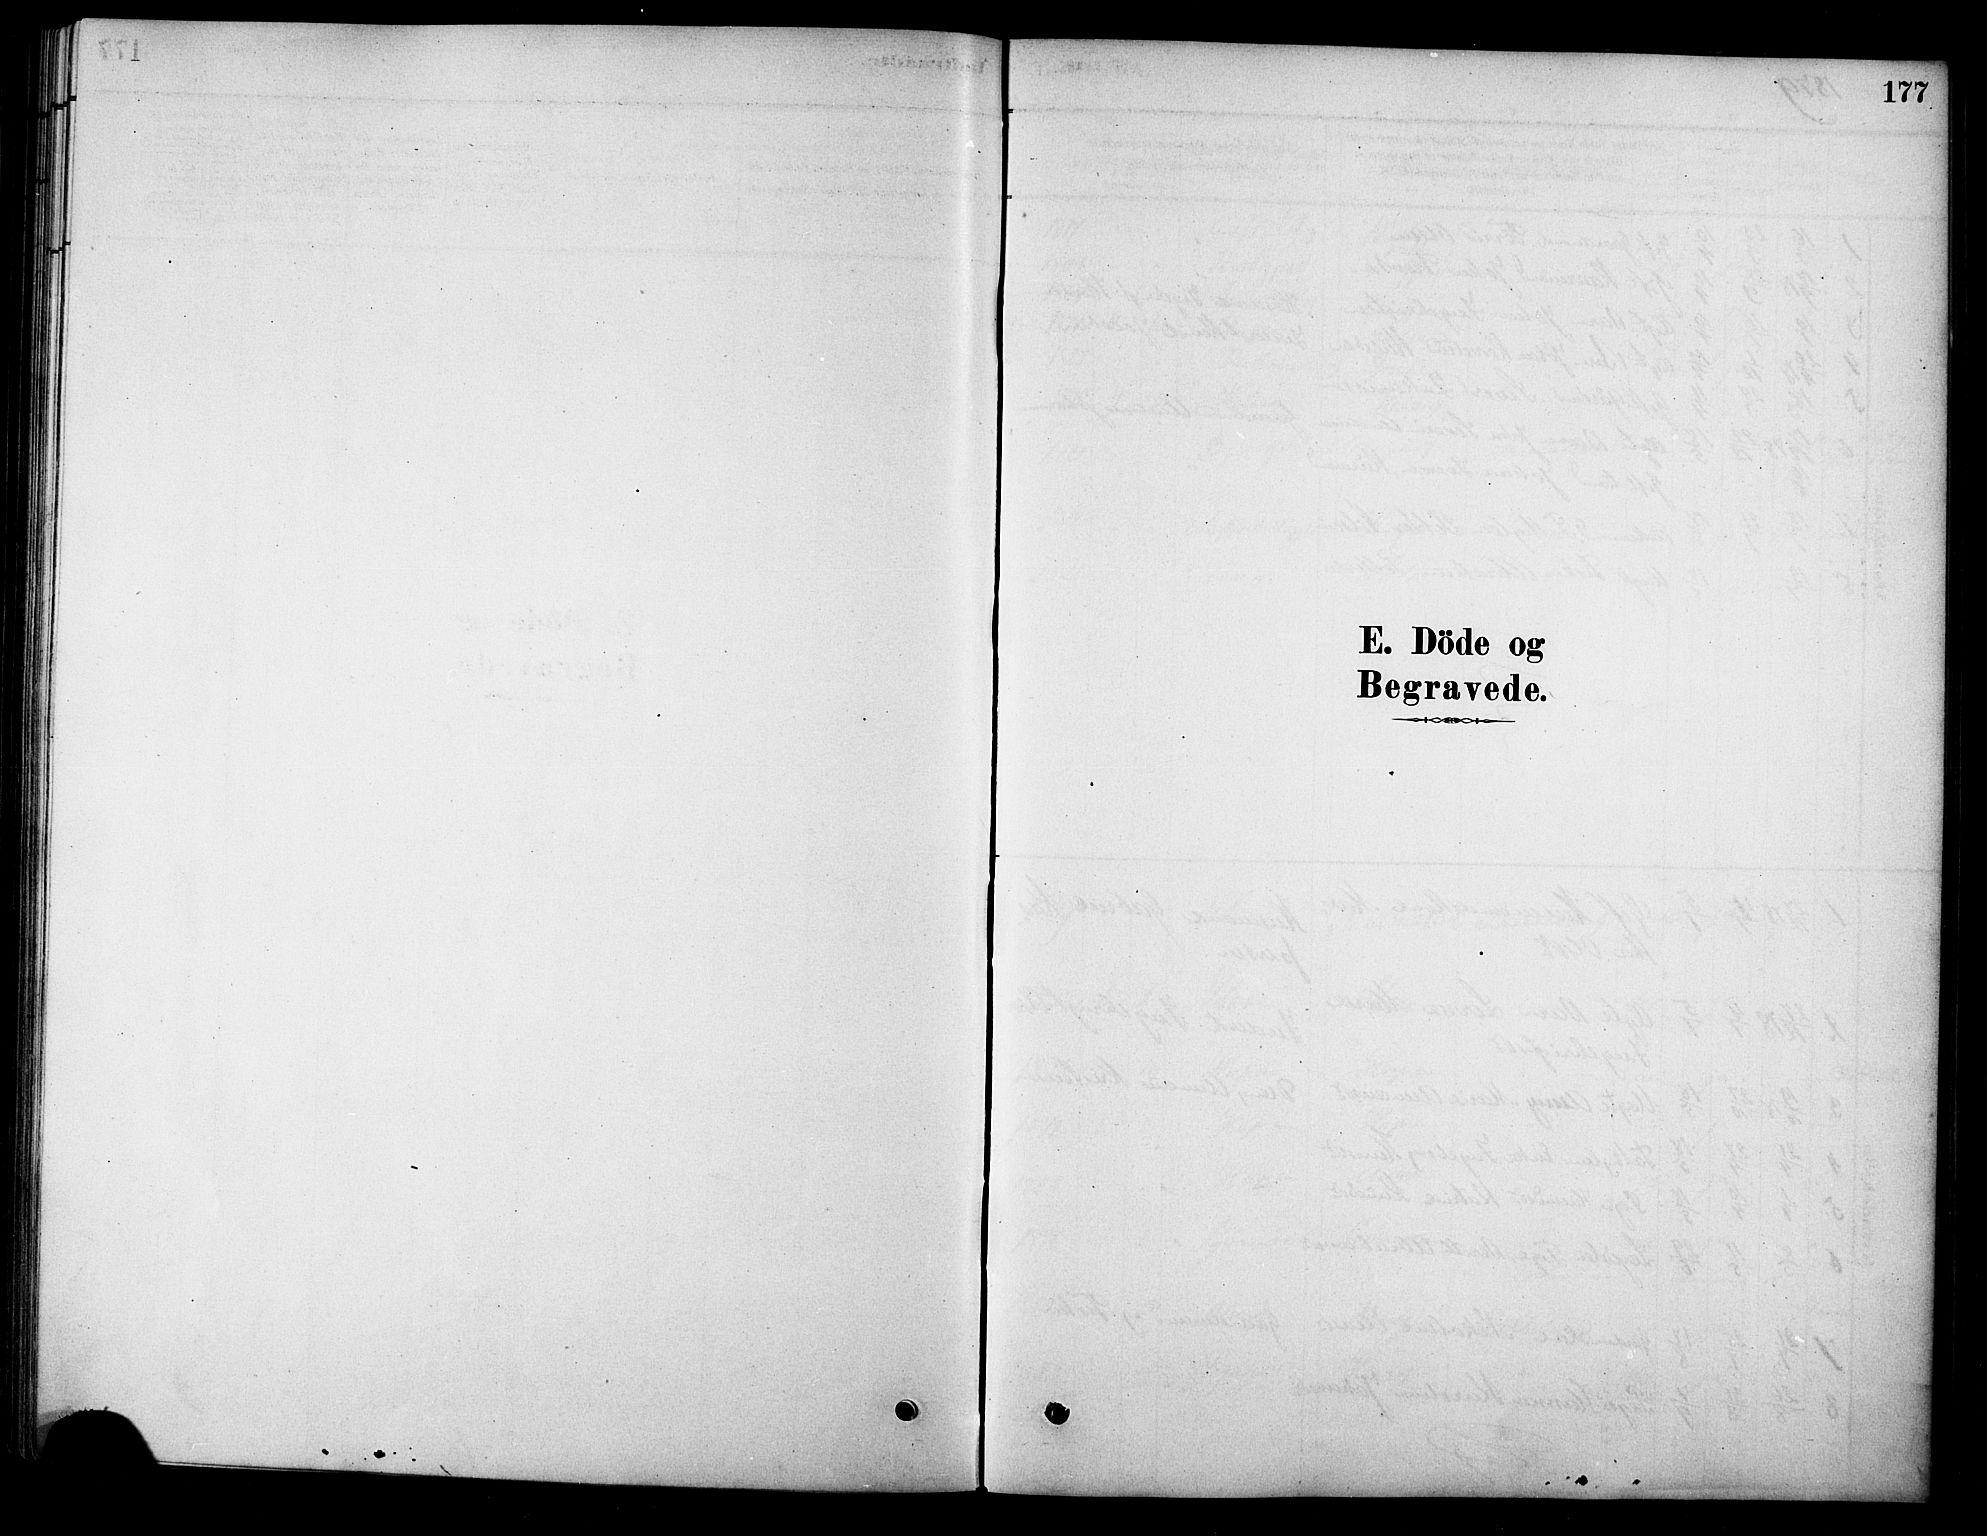 SAT, Ministerialprotokoller, klokkerbøker og fødselsregistre - Sør-Trøndelag, 658/L0722: Ministerialbok nr. 658A01, 1879-1896, s. 177